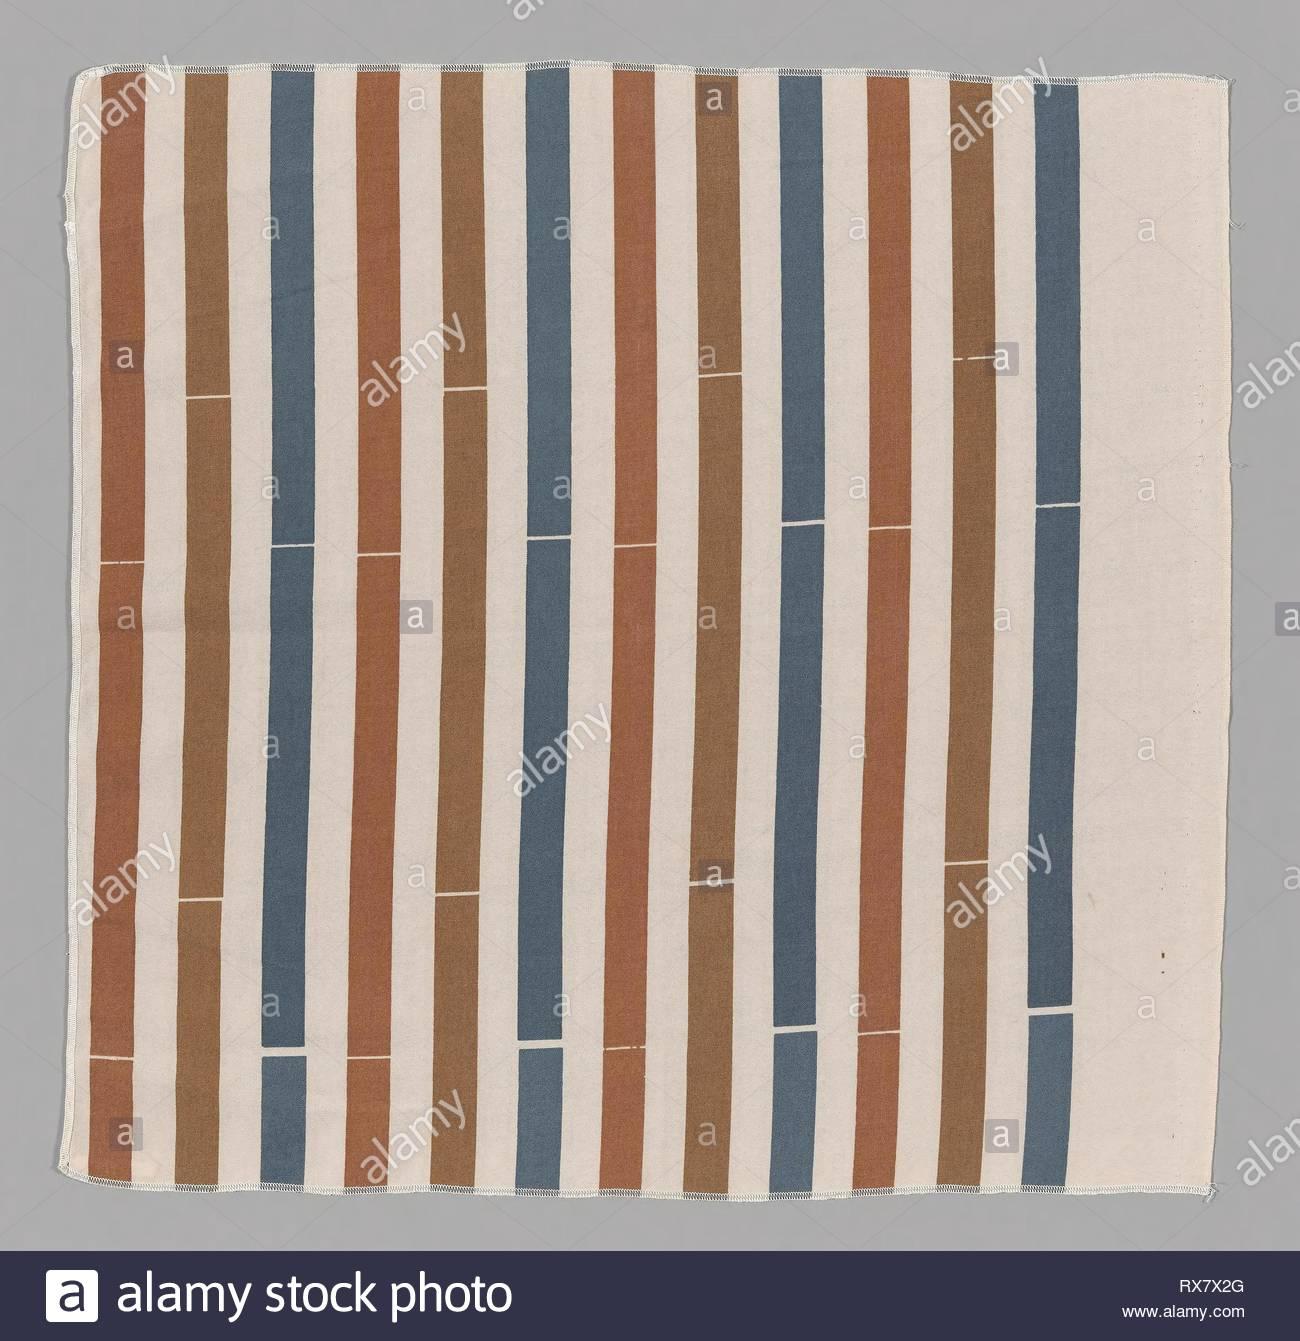 Interna (Tessuti per Arredamento). Progettato da Ben Rose (American, 1916-2004); prodotto da Ben Rose, Inc.; Stati Uniti Illinois, Chicago. Data: 1973. Dimensioni: 67,5 × 68,9 cm (26 5/8 × 27 1/8 in.) di filo di trama ripetere: 17,8 cm (7 in.). Poliestere, ad armatura a tela; serigrafato. Origine: Chicago. Museo: Chicago Art Institute. Immagini Stock